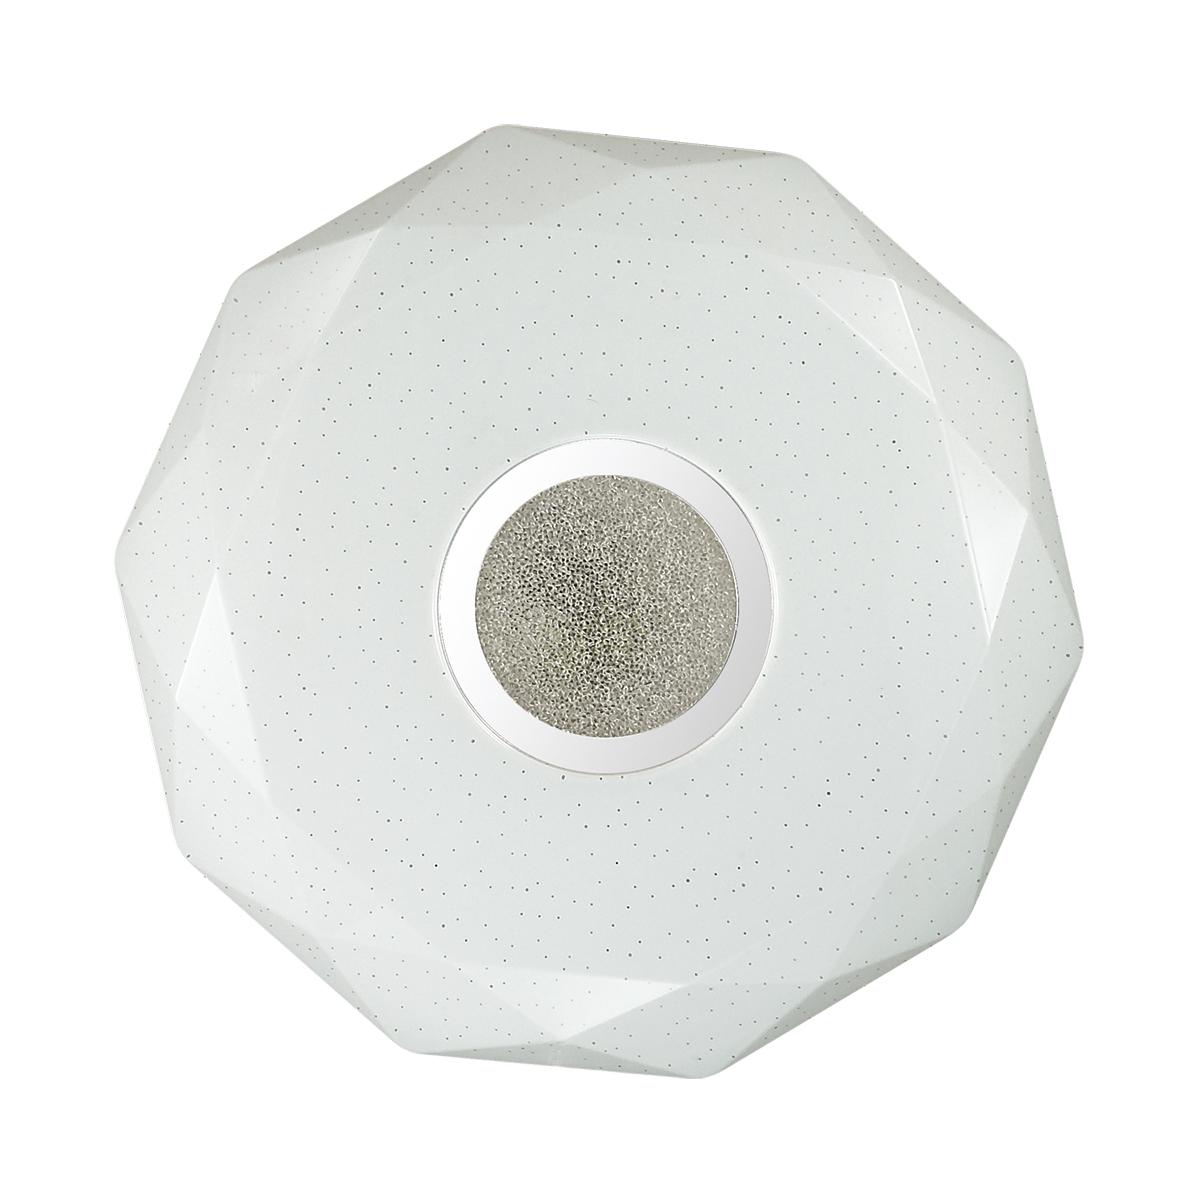 Потолочный светодиодный светильник Sonex Prisa 2057/CL, IP43, LED 24W, 3800K (дневной), белый, прозрачный, хром, металл, пластик - фото 3